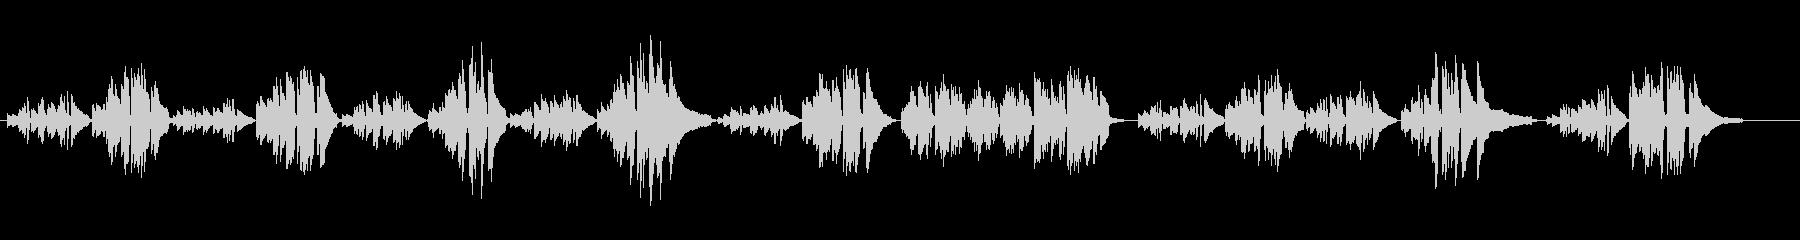 シューマン「シチリアのおどり」ピアノソロの未再生の波形